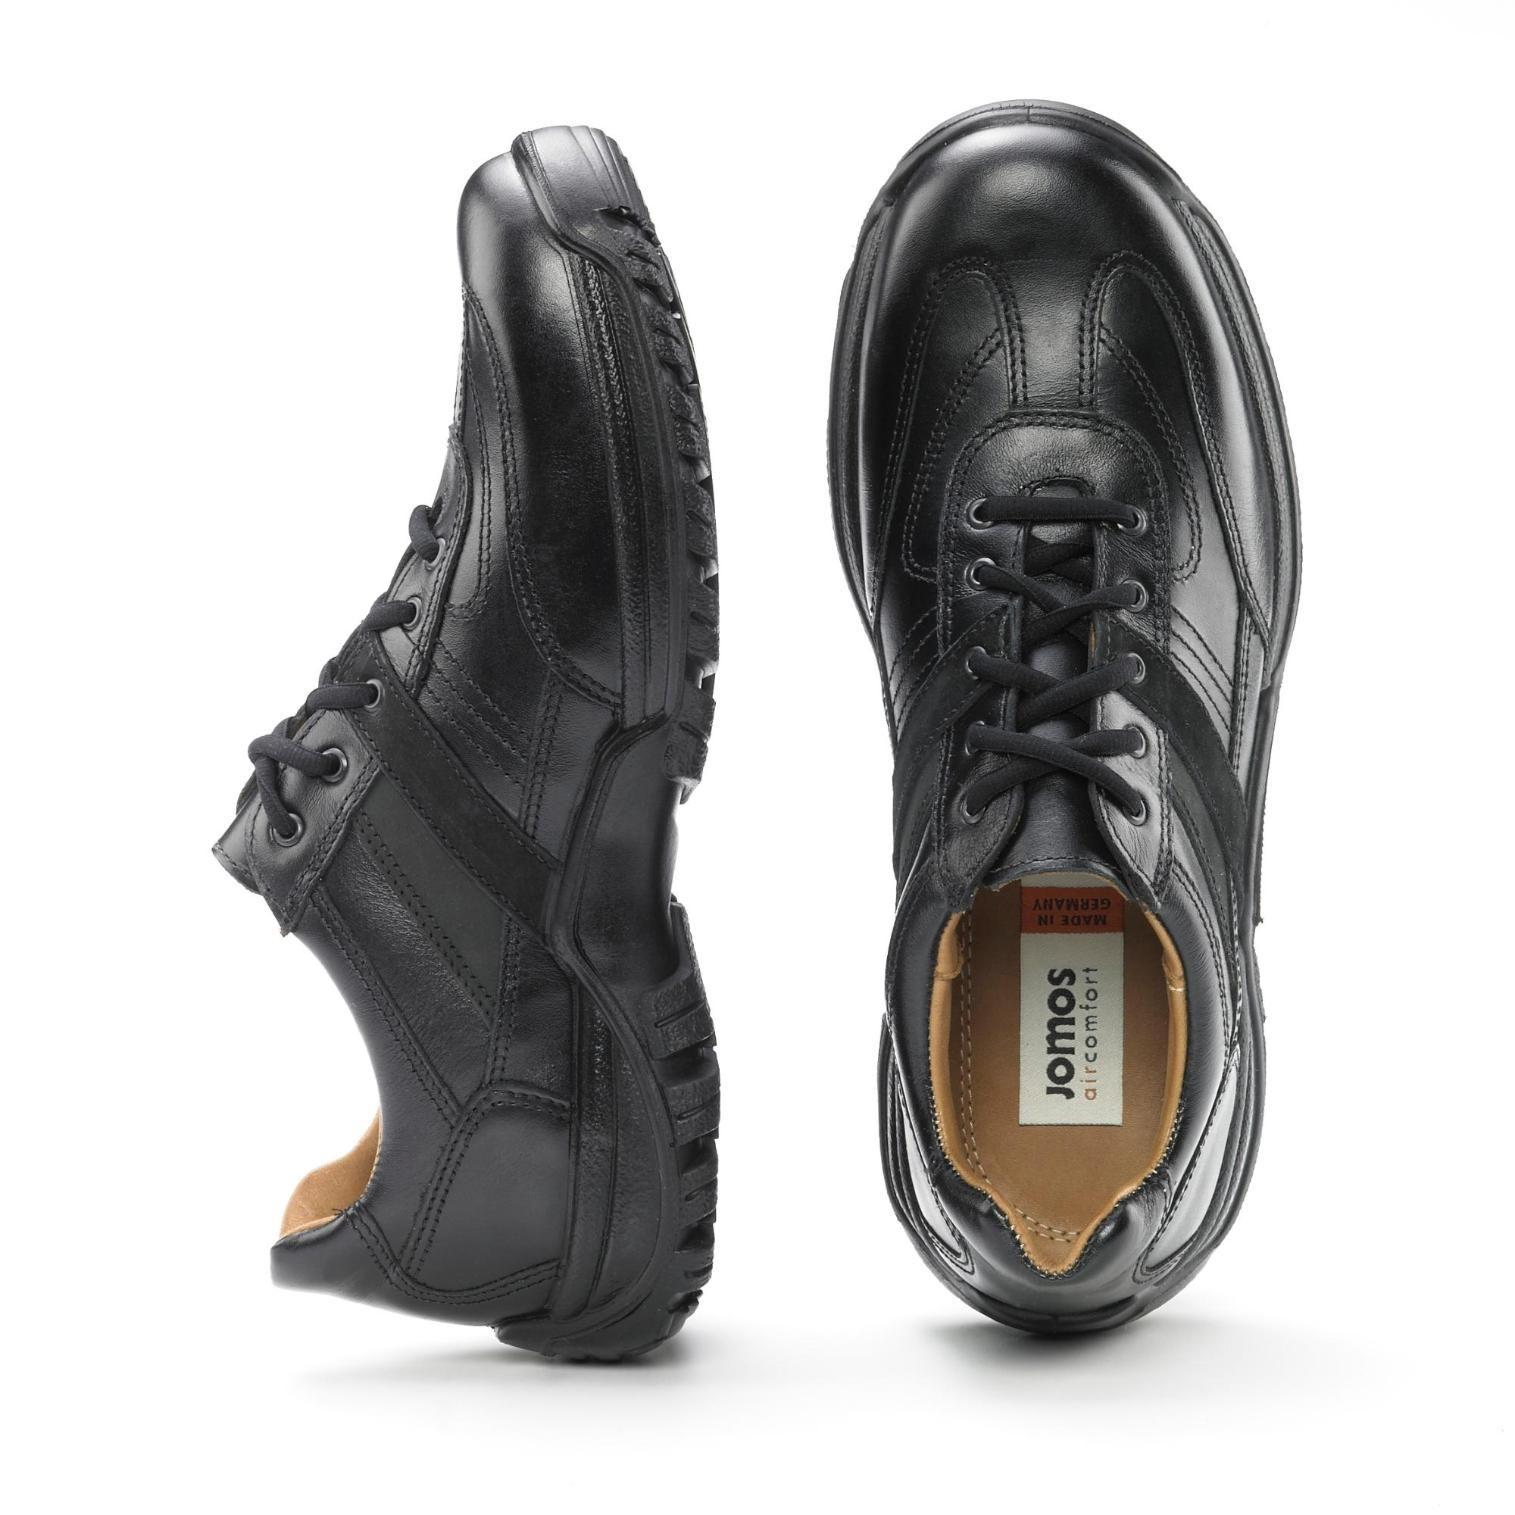 ee27513d Jomos Schnürschuh in Farbe schwarz um 19% reduziert online kaufen Jomos  Schnürschuh in Farbe schwarz